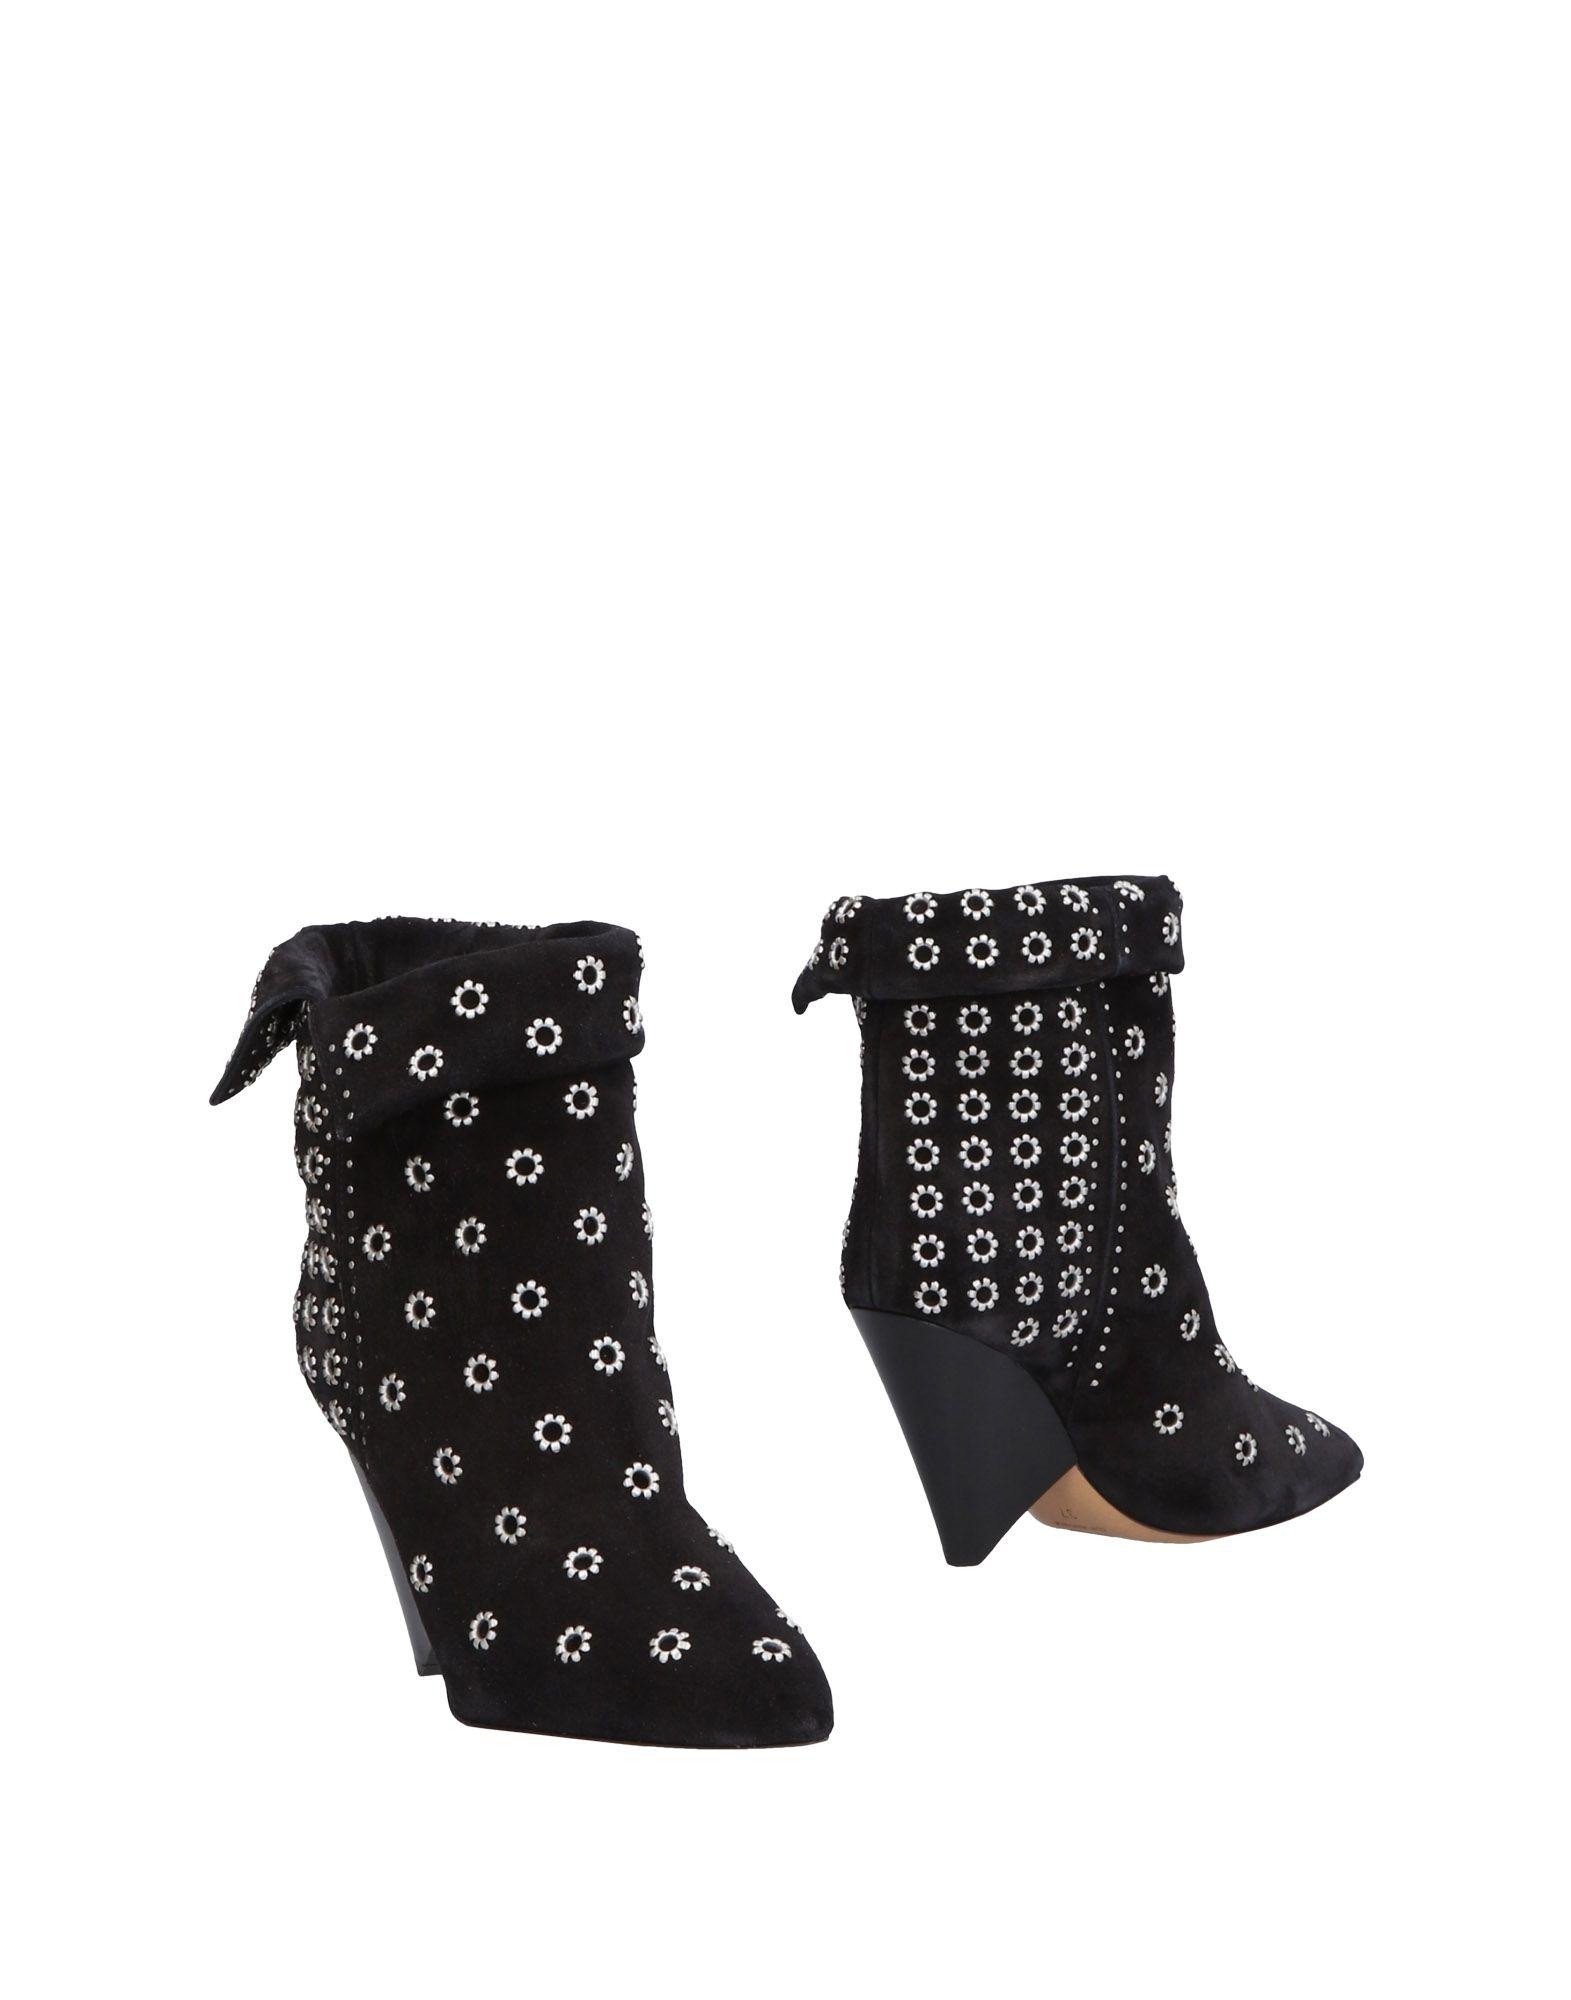 Isabel Marant Stiefelette Damen aussehende  11460625DIGünstige gut aussehende Damen Schuhe 65870a